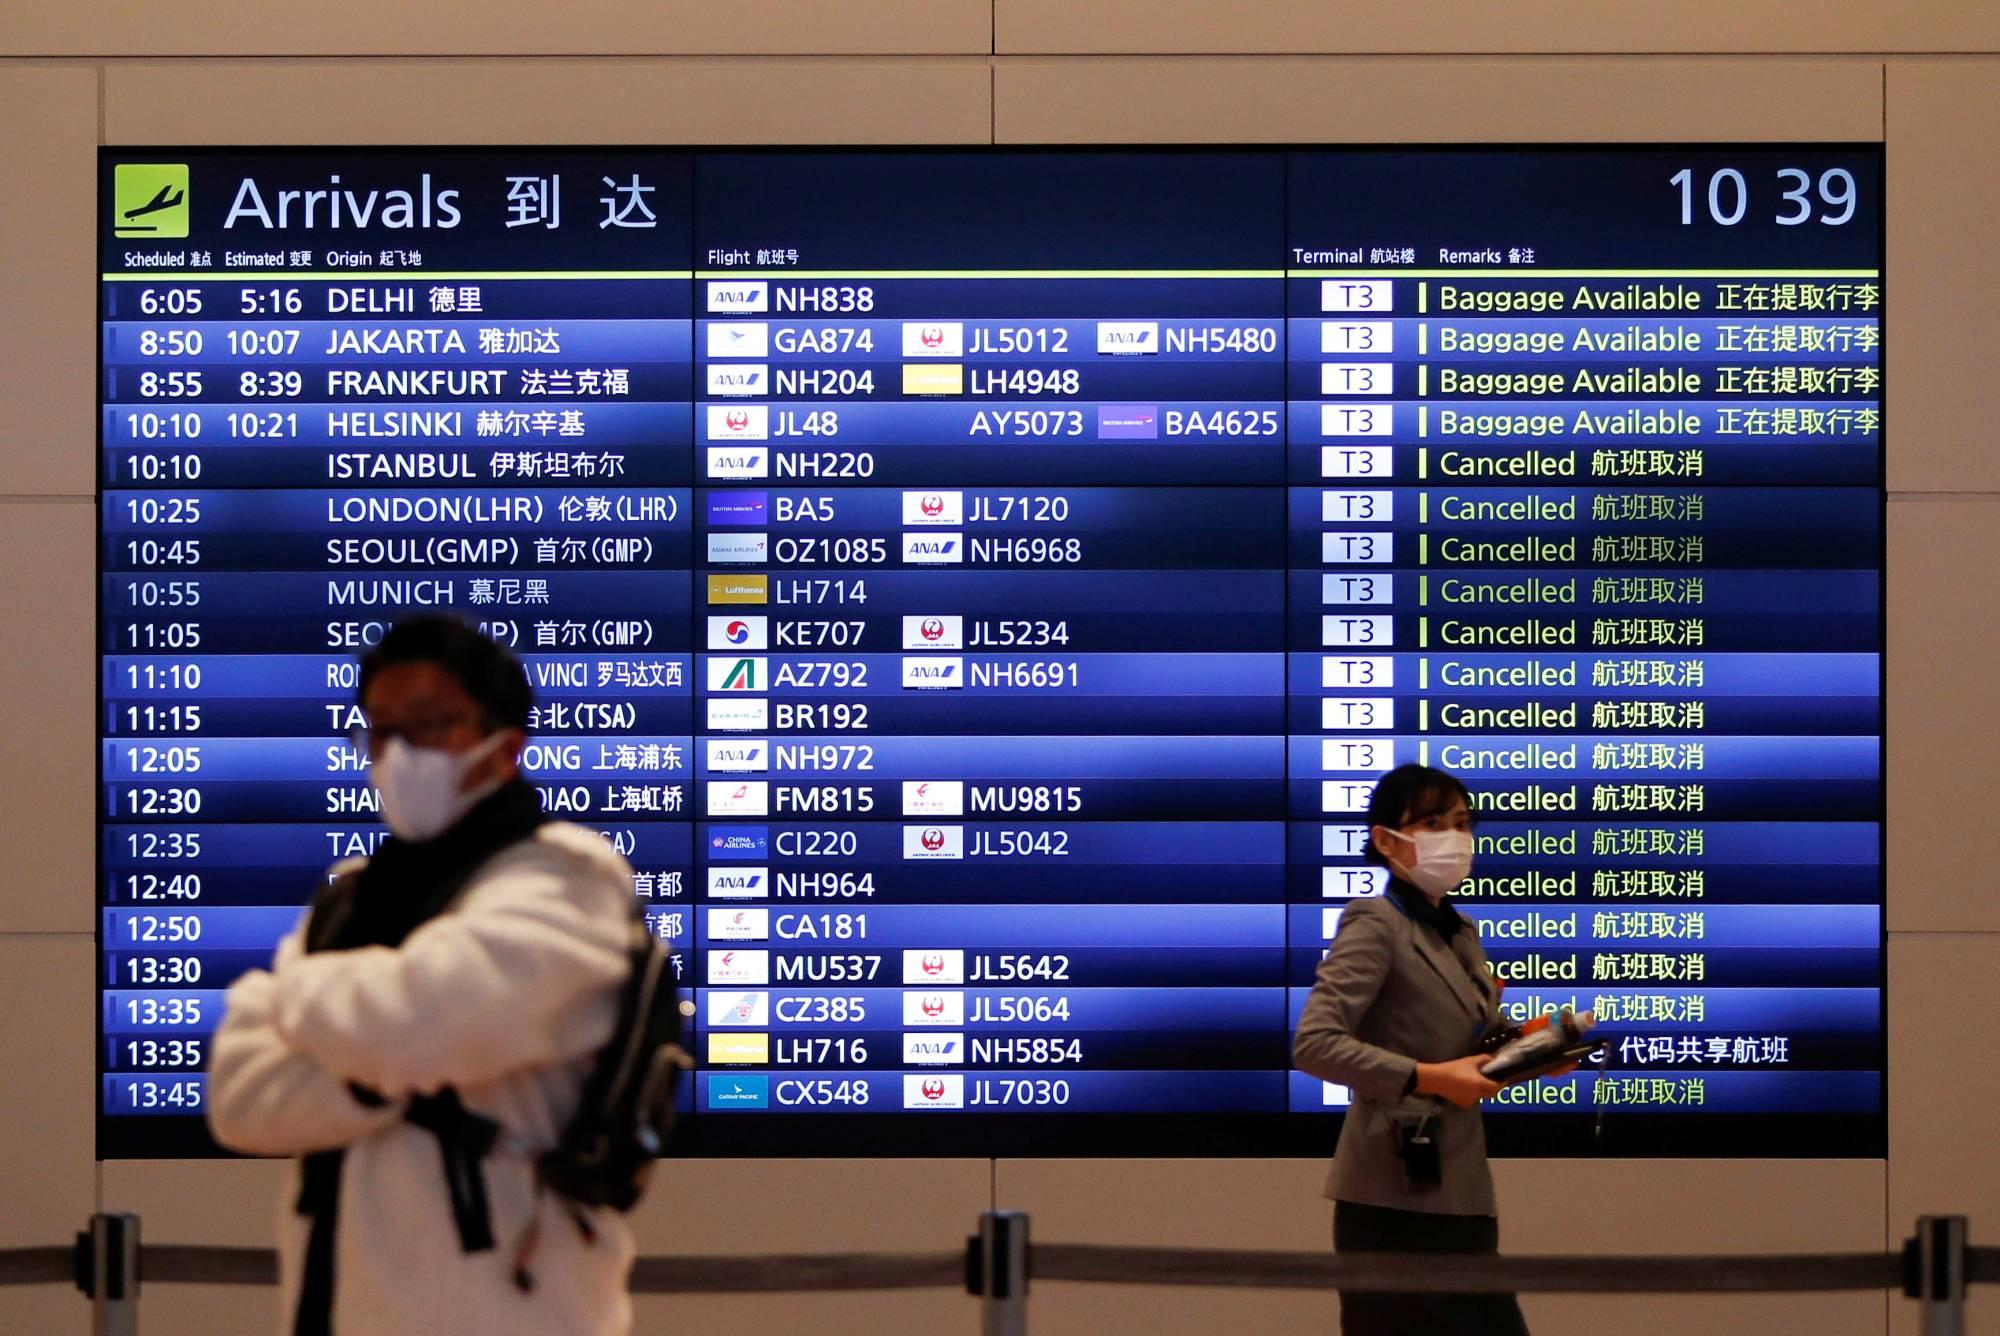 Nhật sẽ đàm phán với các nước khác về việc liệu công dân Nhật có giấy chứng nhận tiêm phòng có được miễn cách ly sau khi nhập cảnh hay không và biện pháp của Nhật với các du khách có giấy chứng nhận tương tự. Ảnh: Reuters